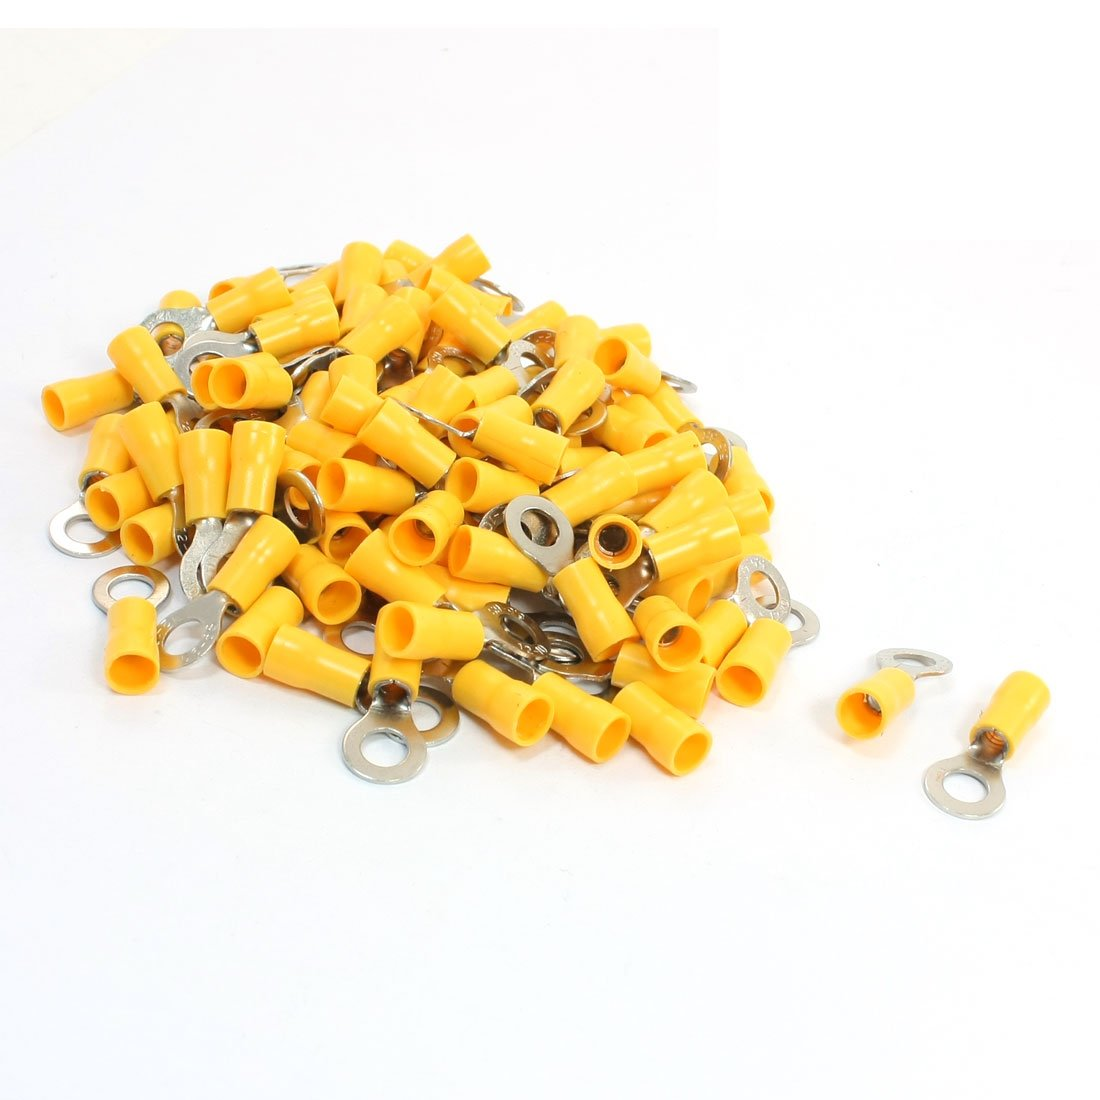 100 piezas rv5, 5-6 anillo Terminal aislado la lengua amarillo para AWG 12-10 Sourcingmap a14010400ux0156